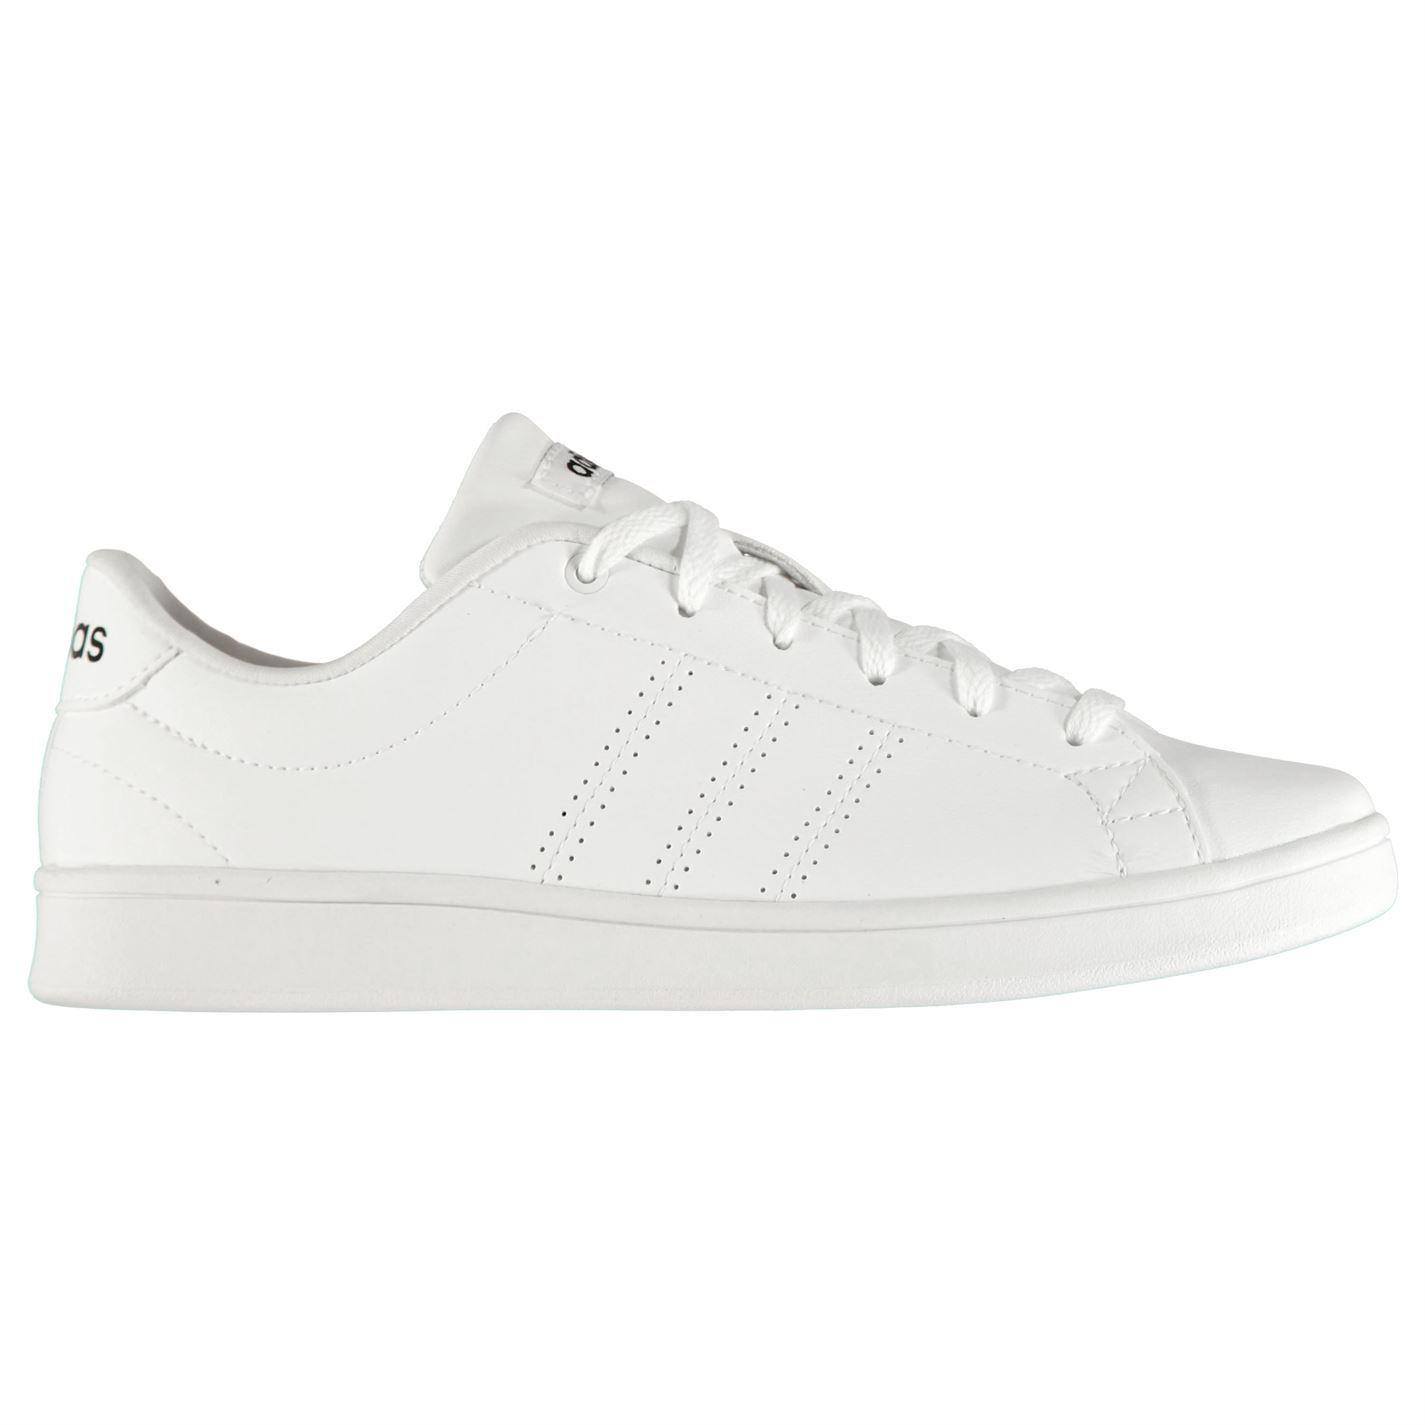 adidas advantage clean qt shoes ladies 6216d0